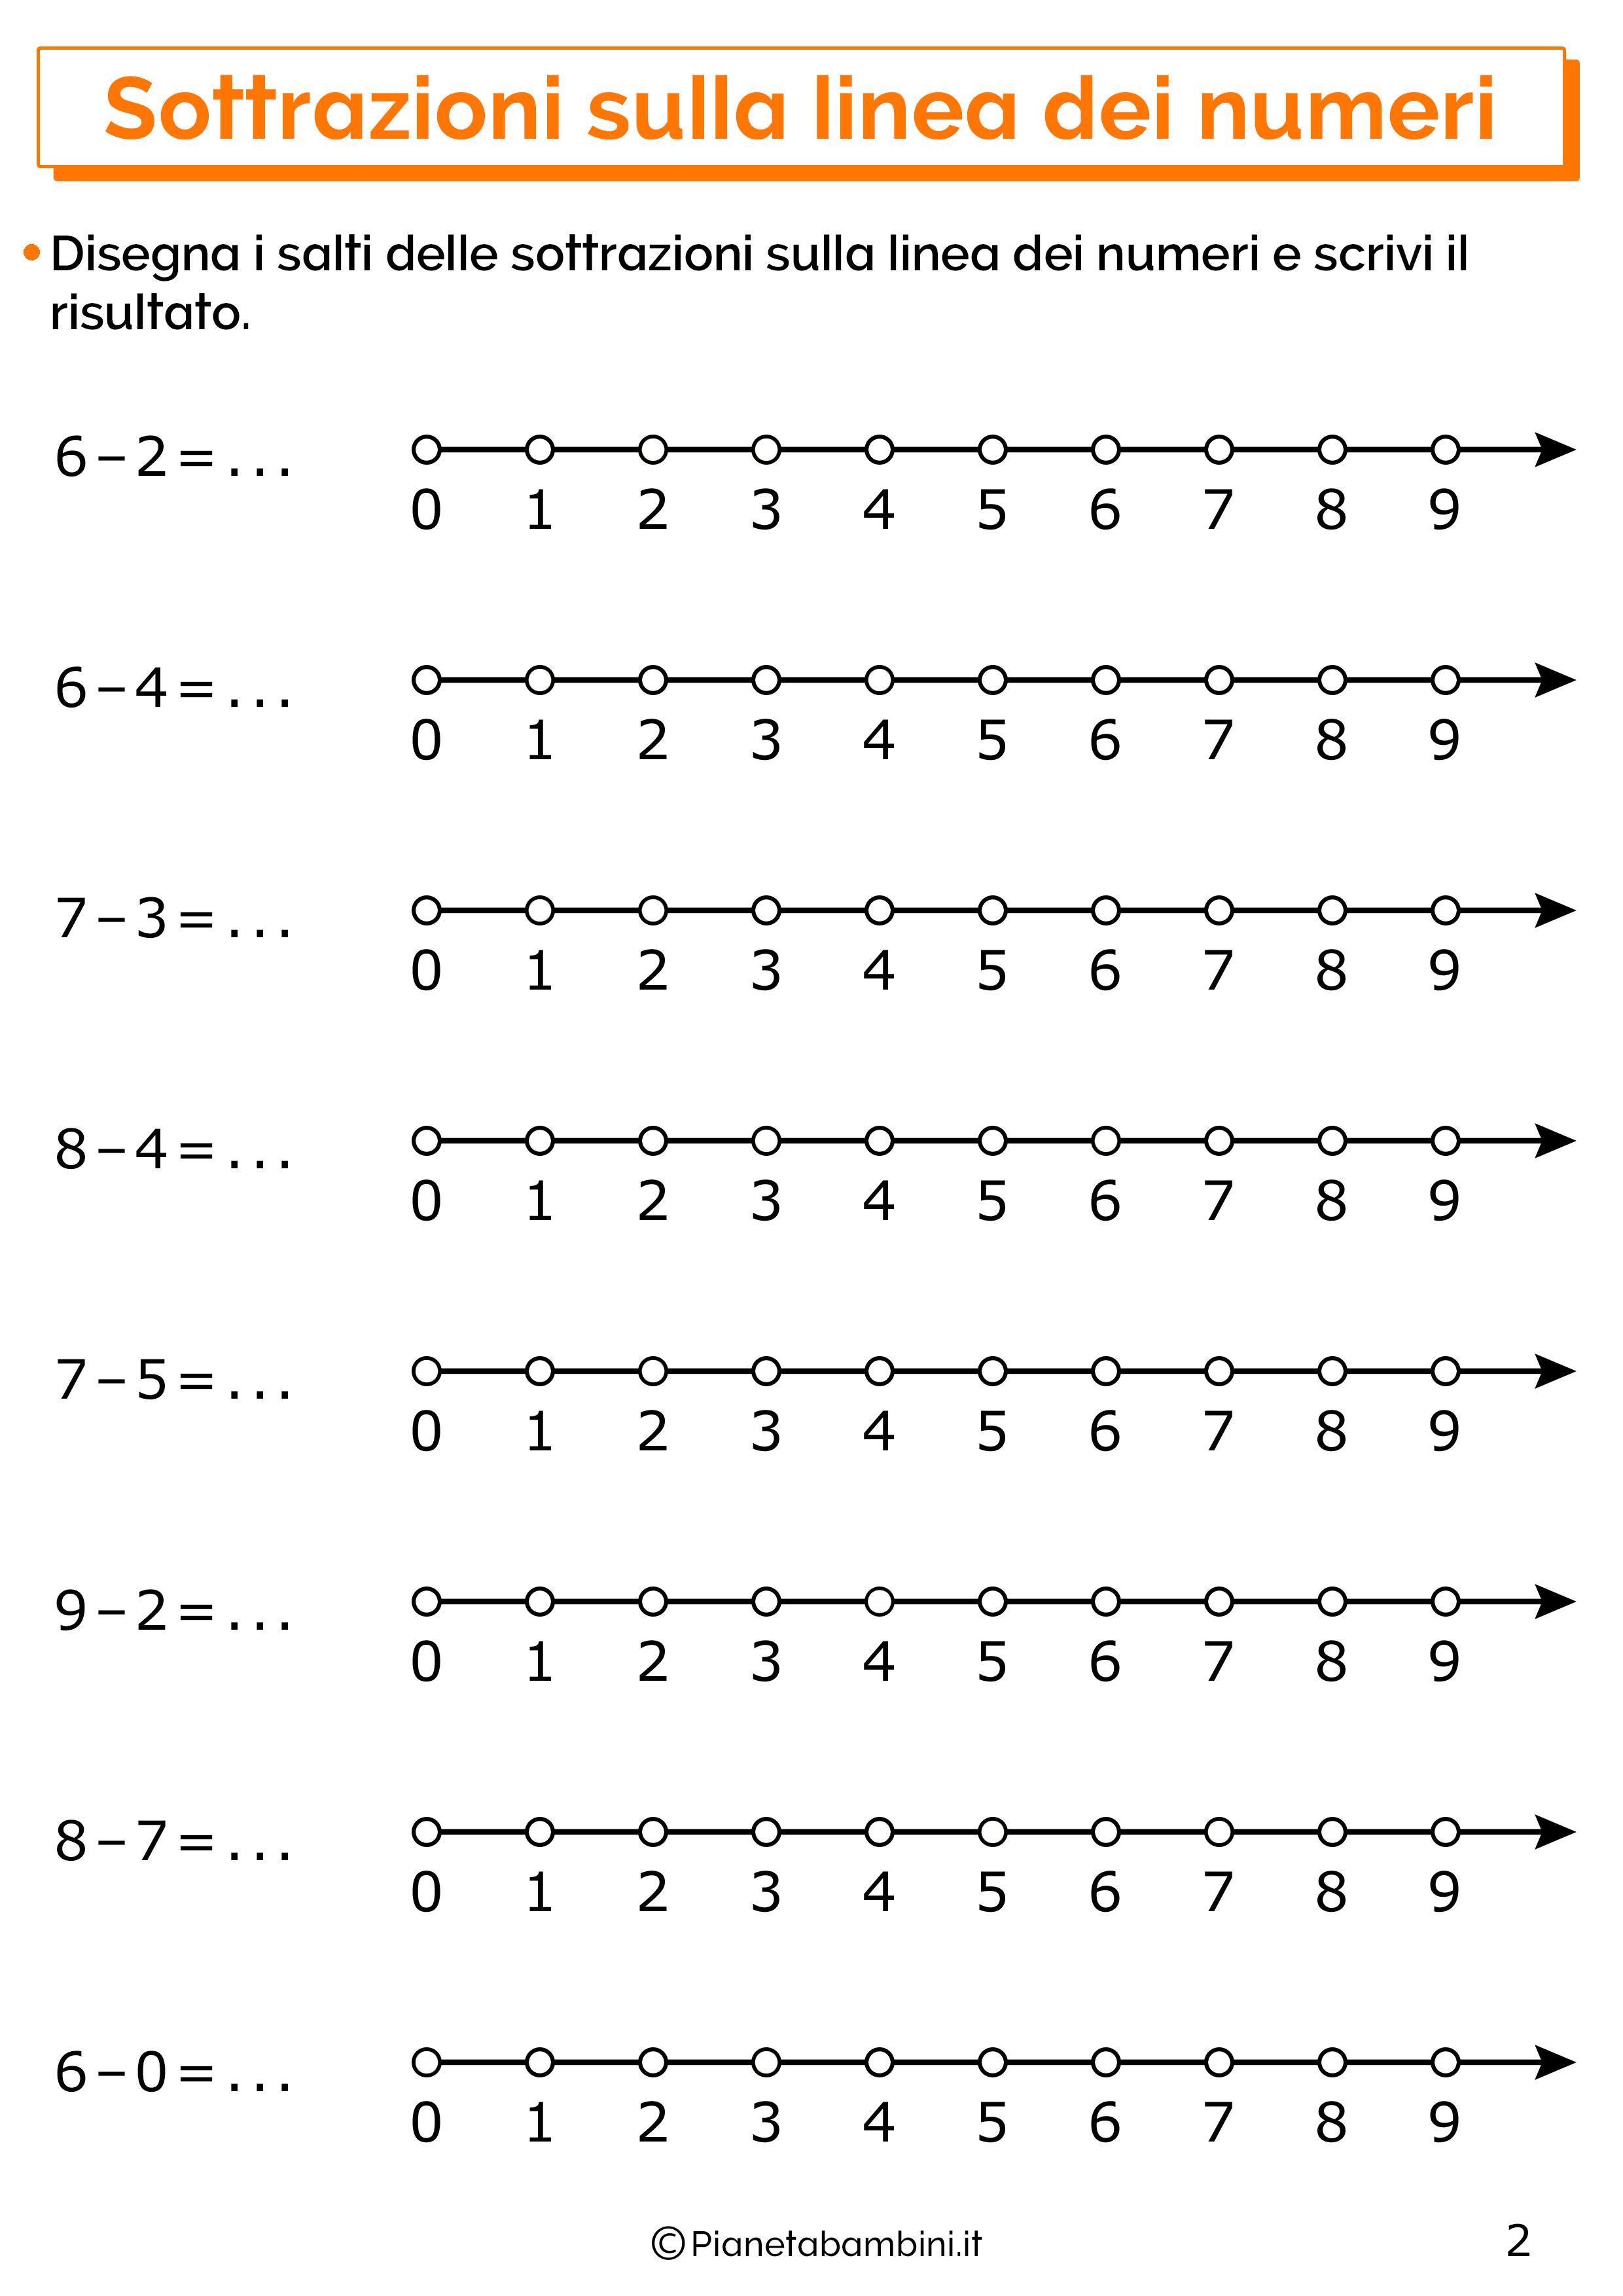 Esercizi sulle sottrazioni sulla linea dei numeri 02